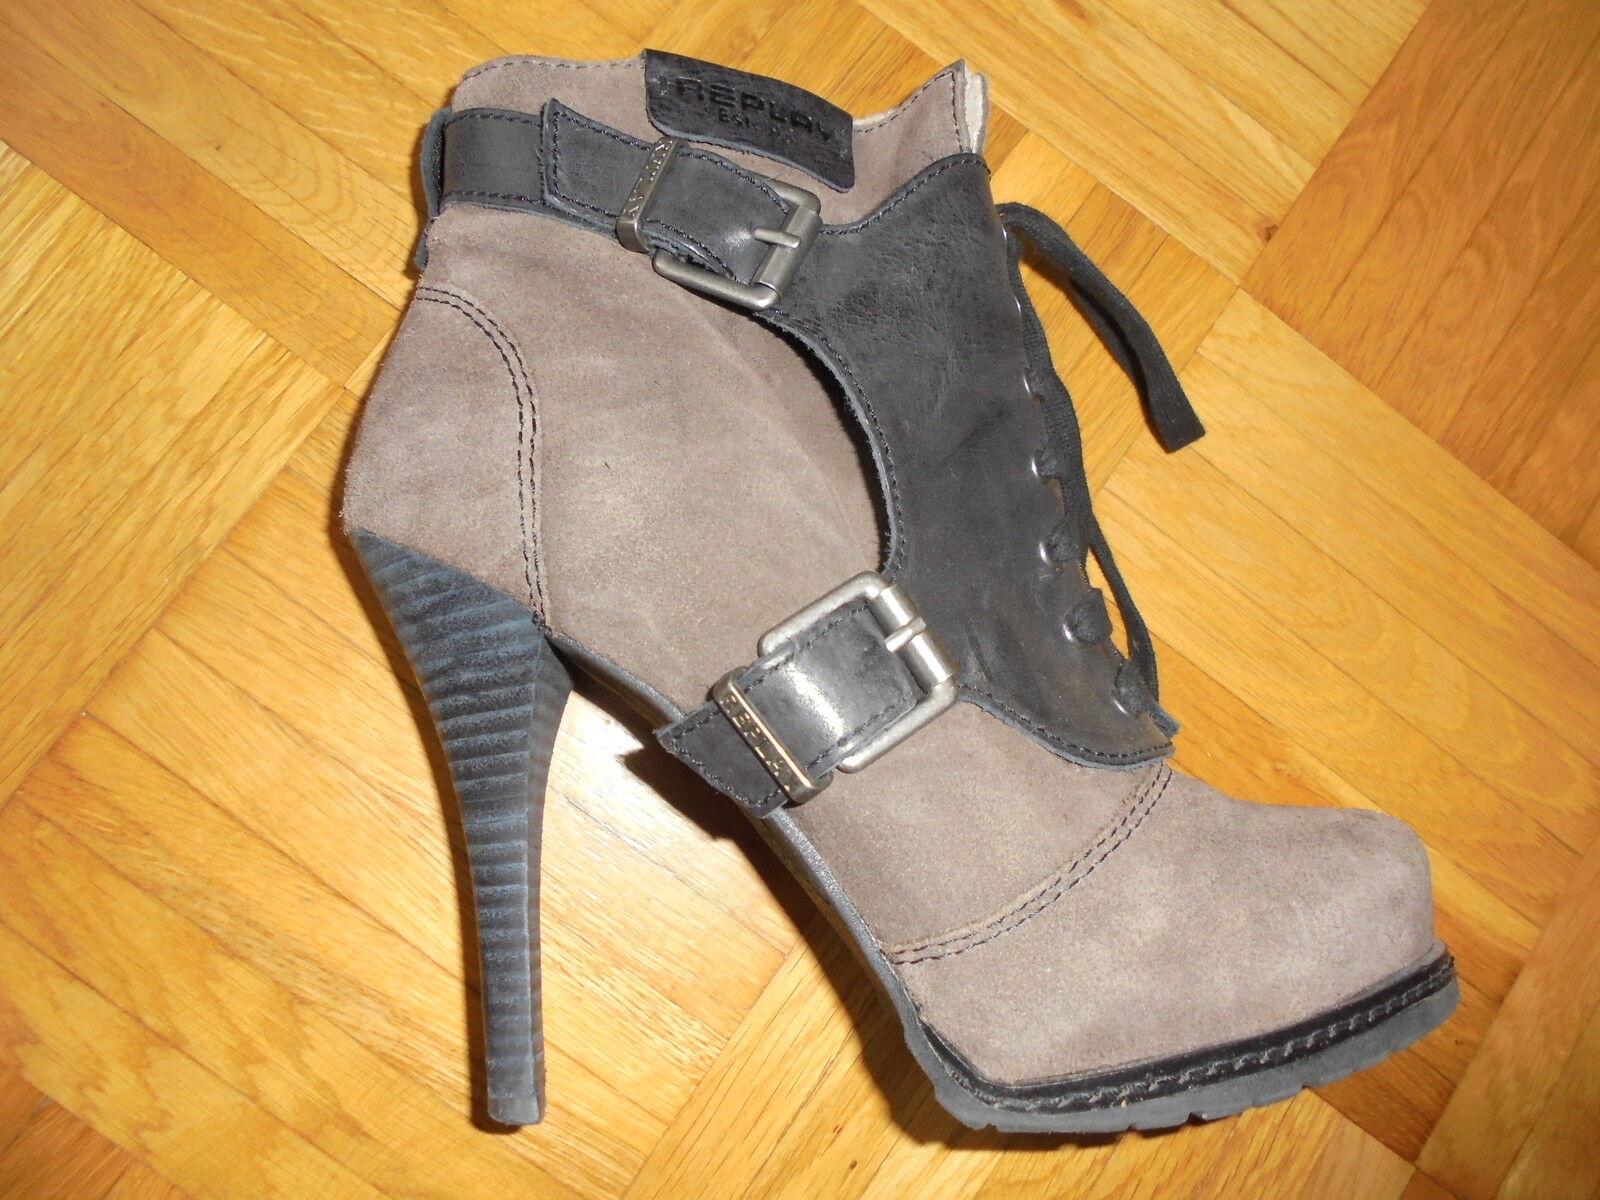 Replay Damen Stiefeletten Schuhe Booties High Heels Booties Schuhe Gr 39 4ae7e2